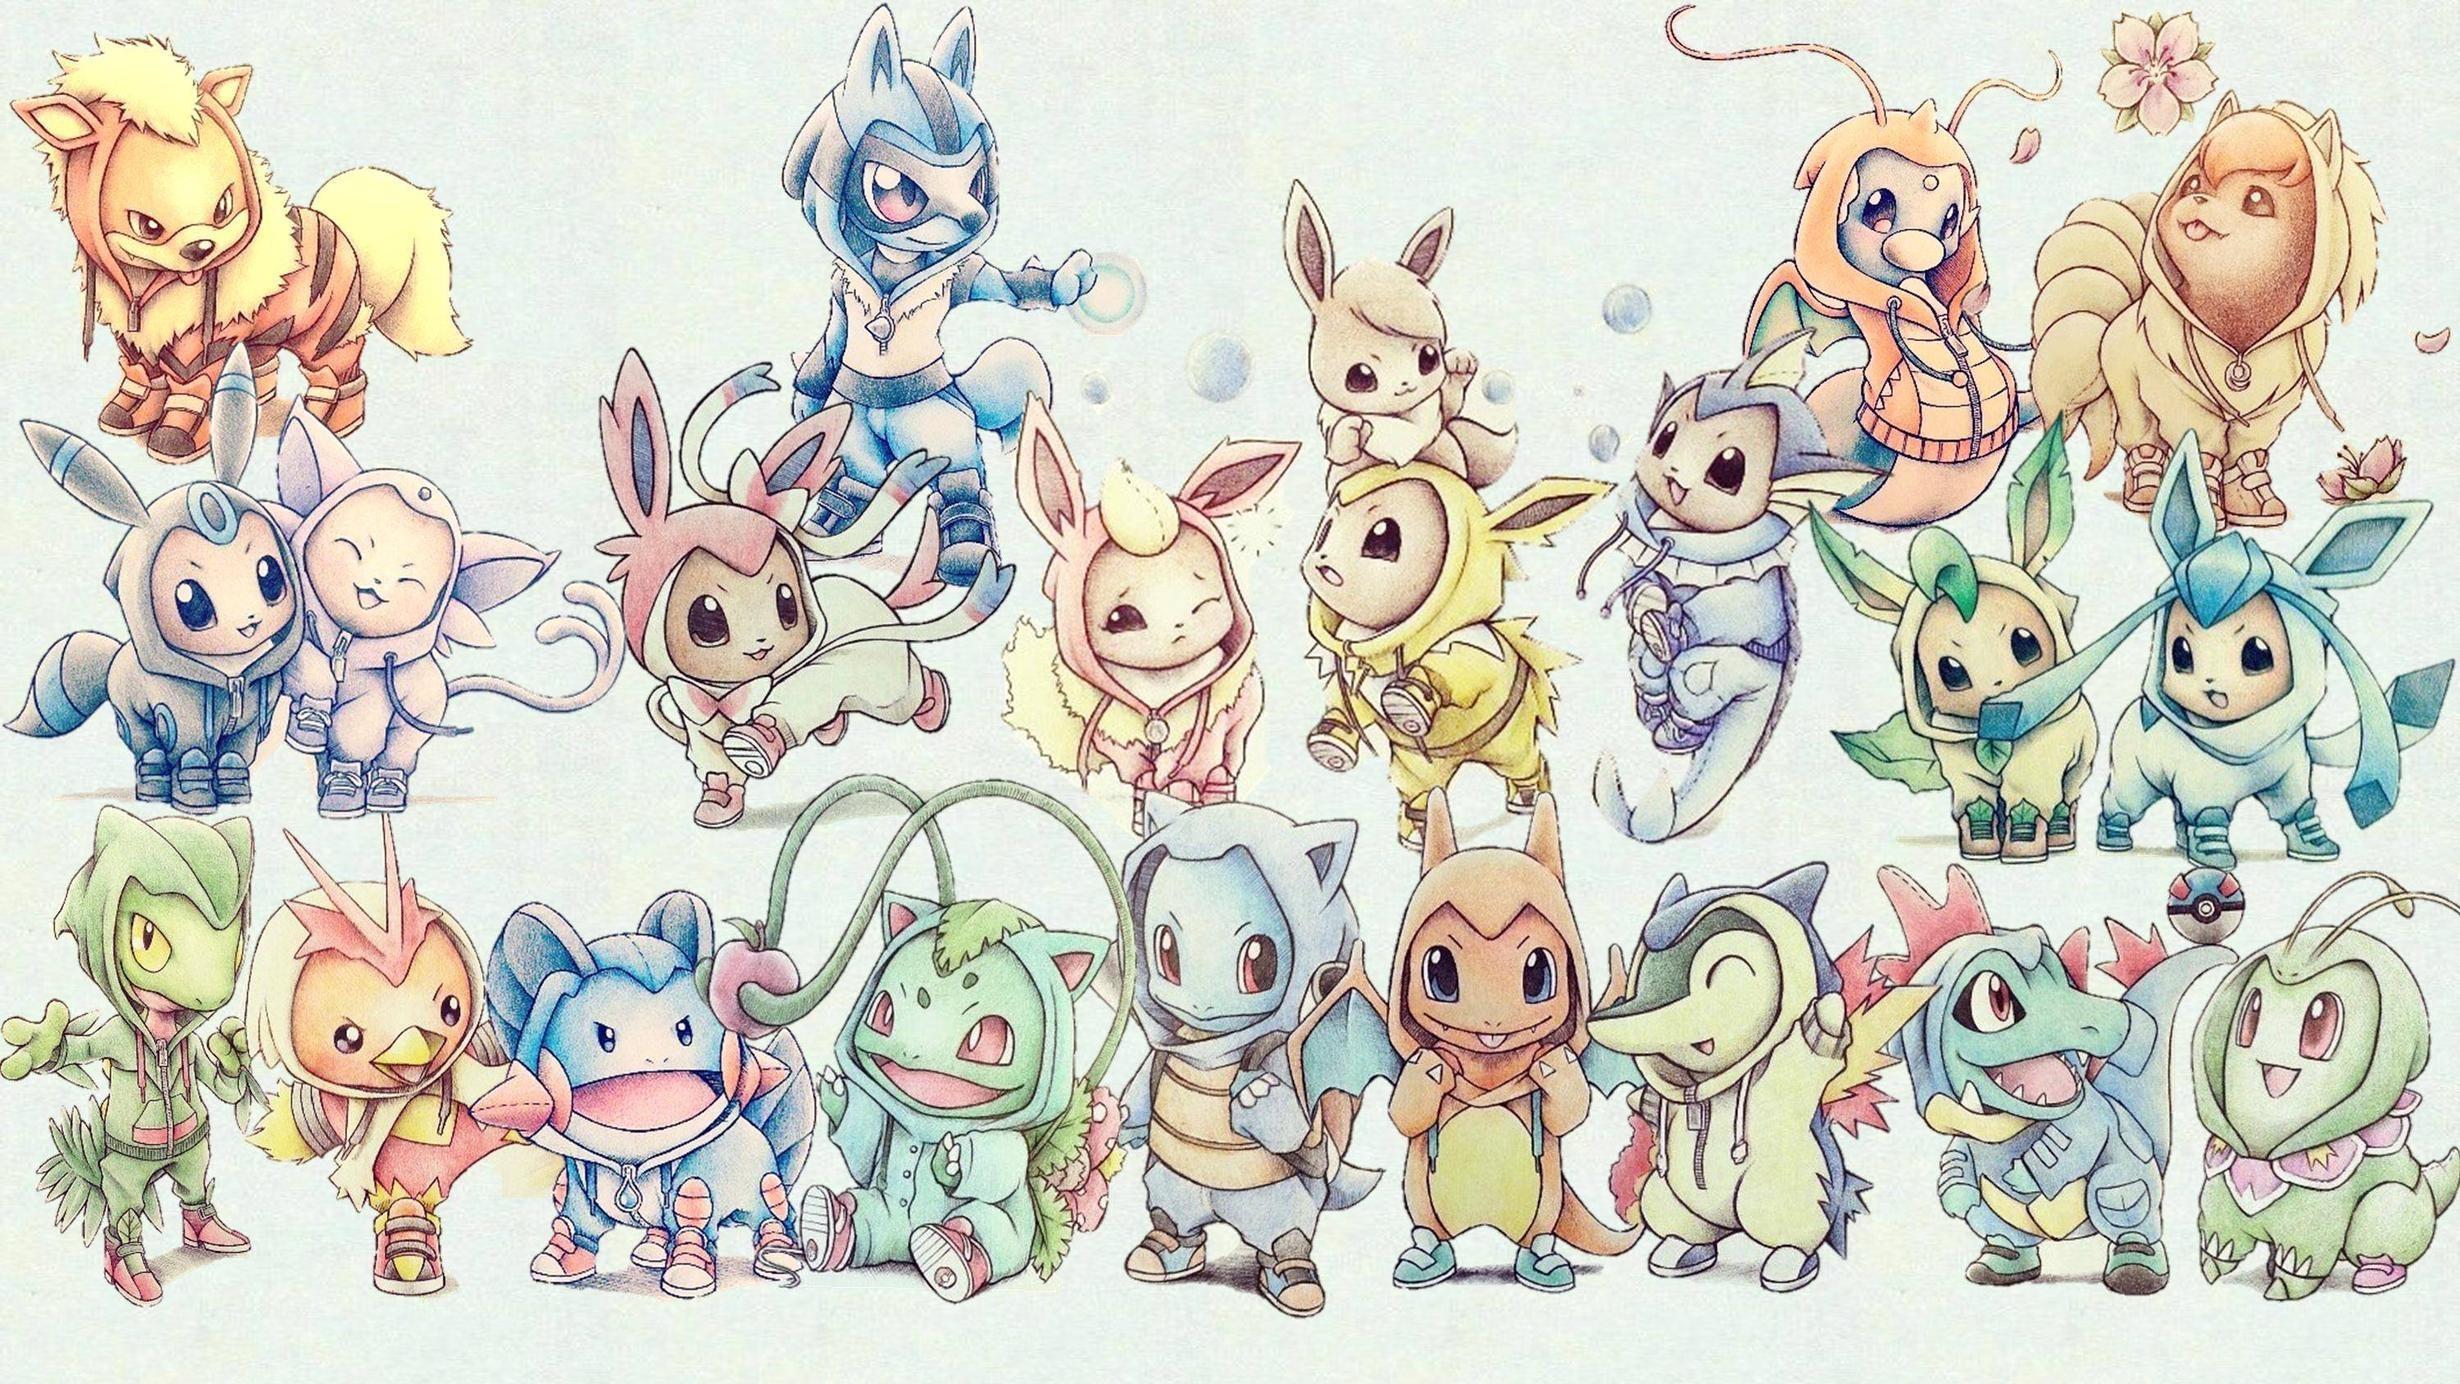 Cute Pokemon Wallpaper Hd Wallpapers in Games 1024x768PX .